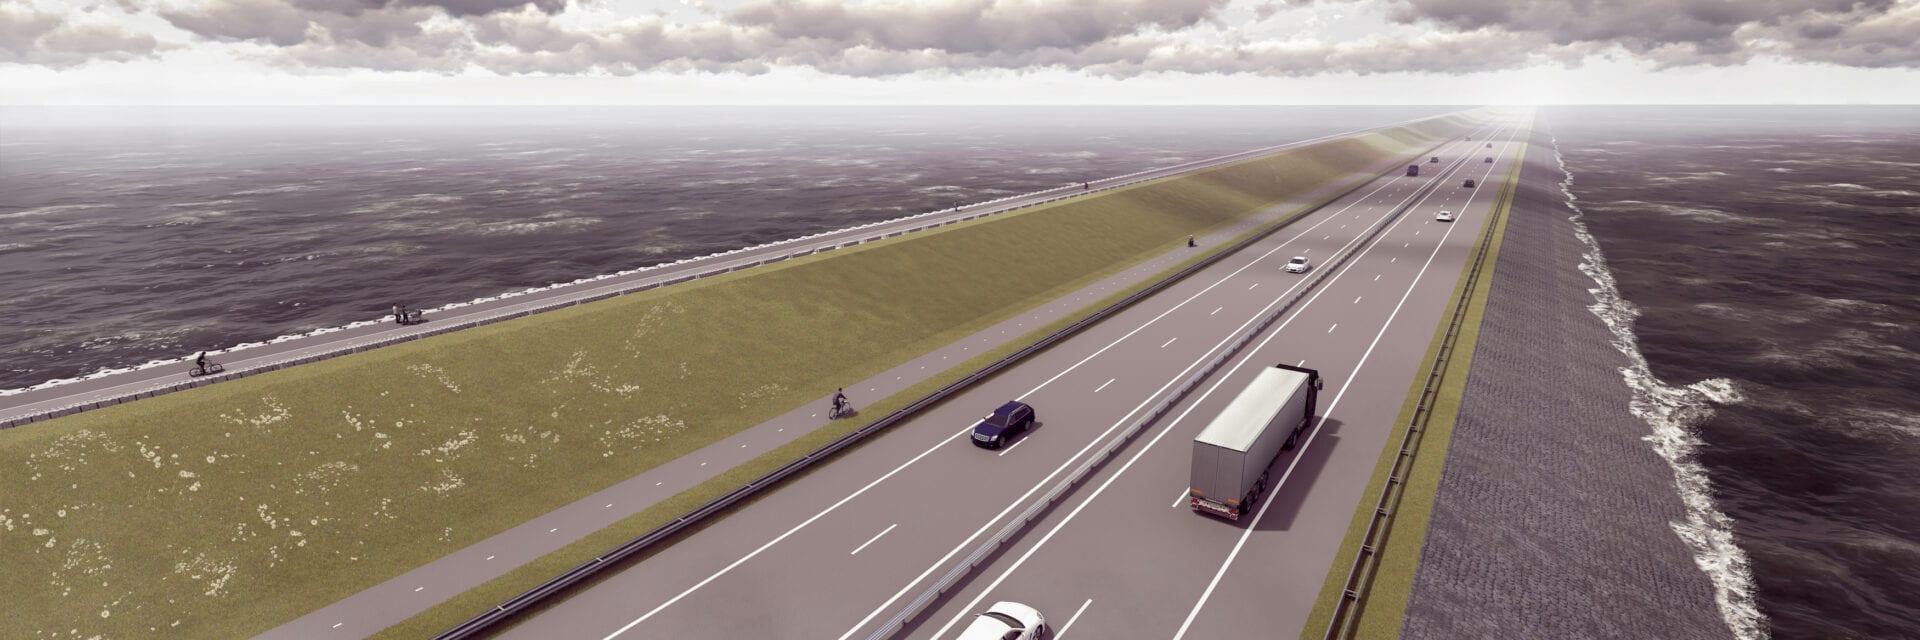 Impressie van de verbeterde A7. Een getekende weergave van hoe de Afsluitdijk er in de toekomst uit ziet. Je ziet twee wegdelen en daarnaast een fietspad. Aan de zijkanten zie je water en basaltblokken.